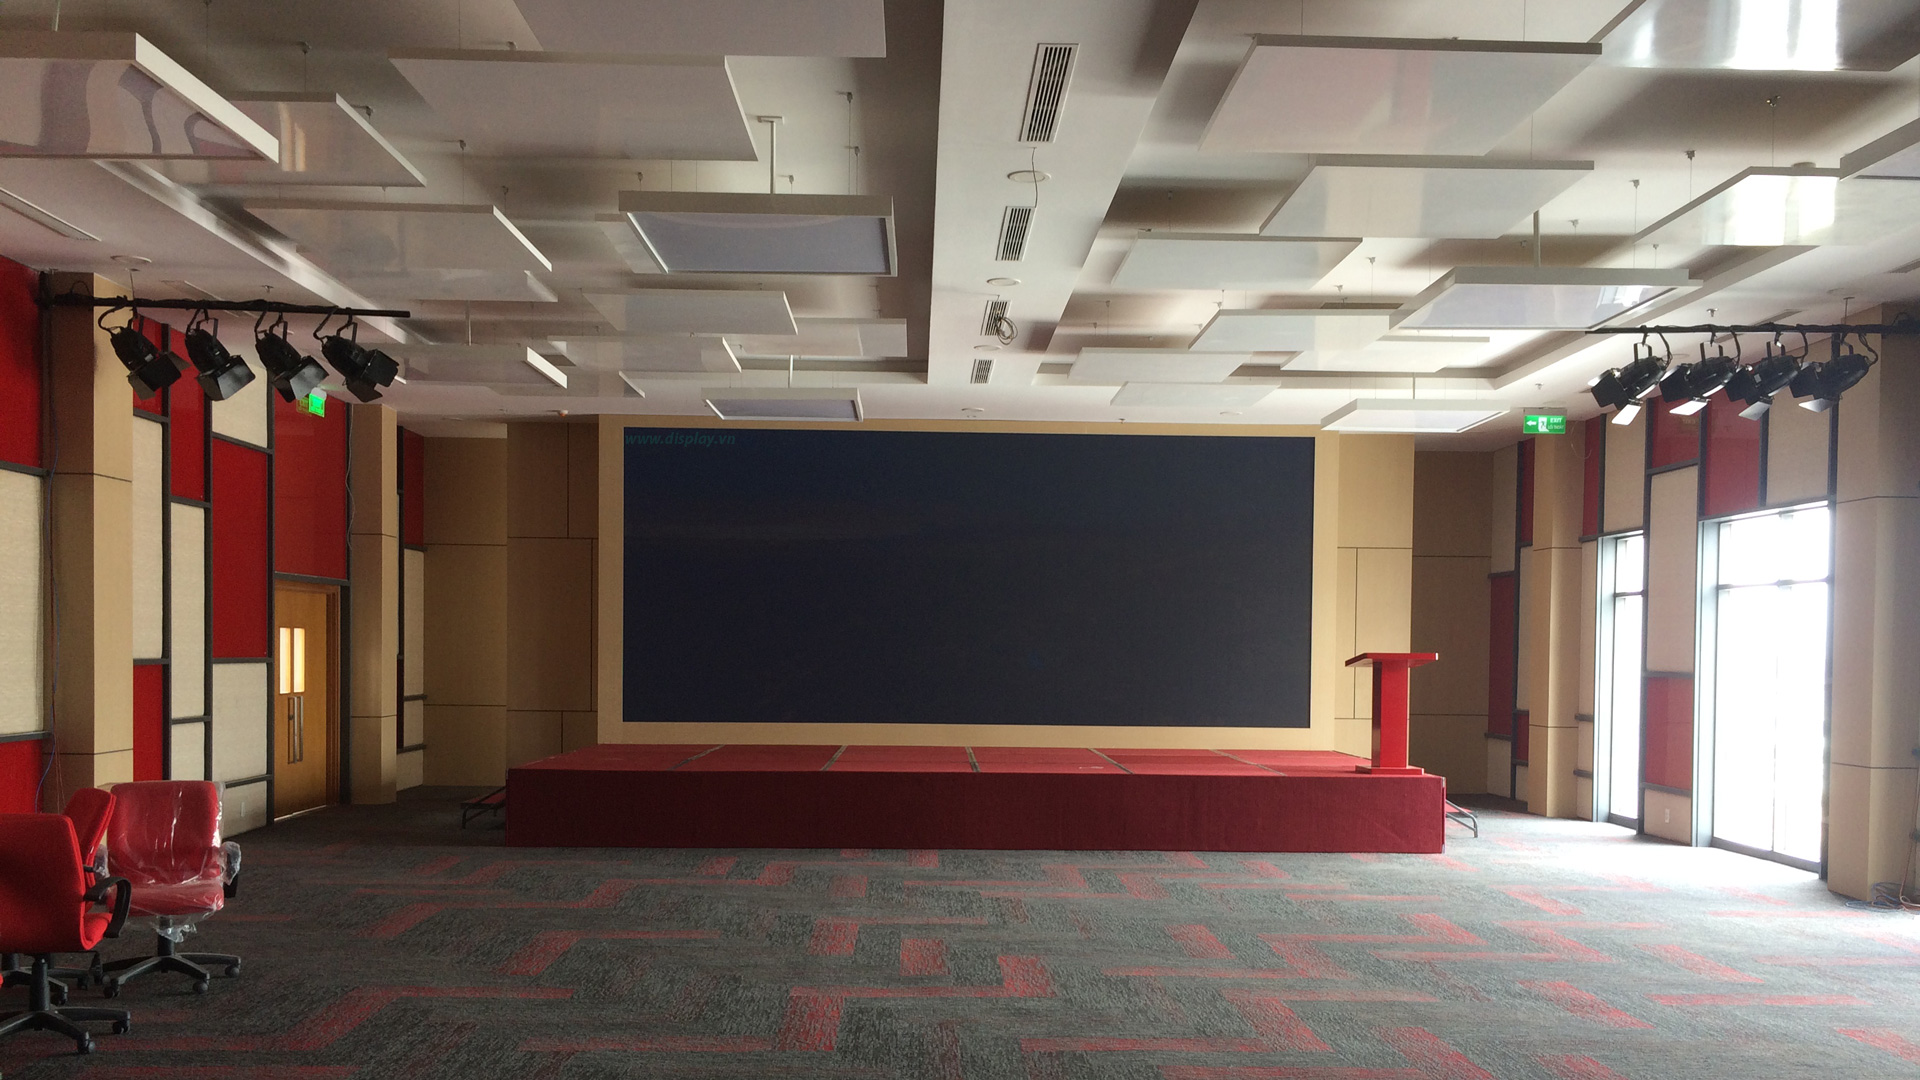 màn hình led sân khấu